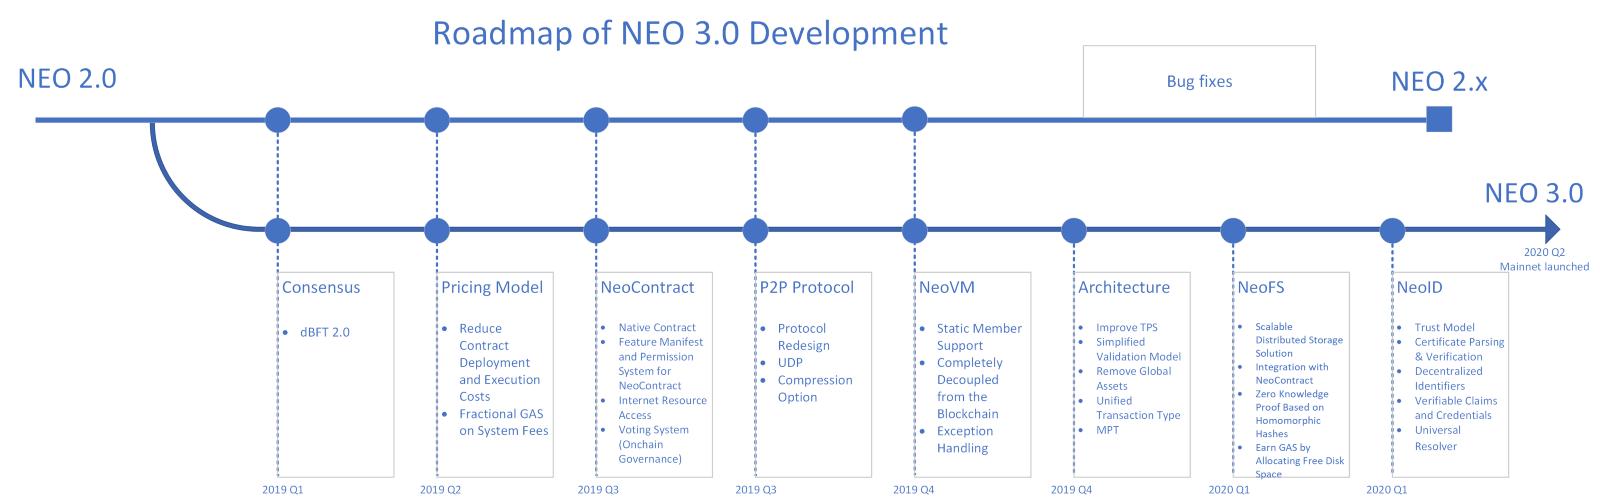 Дорожная карта развития NEO 3.0